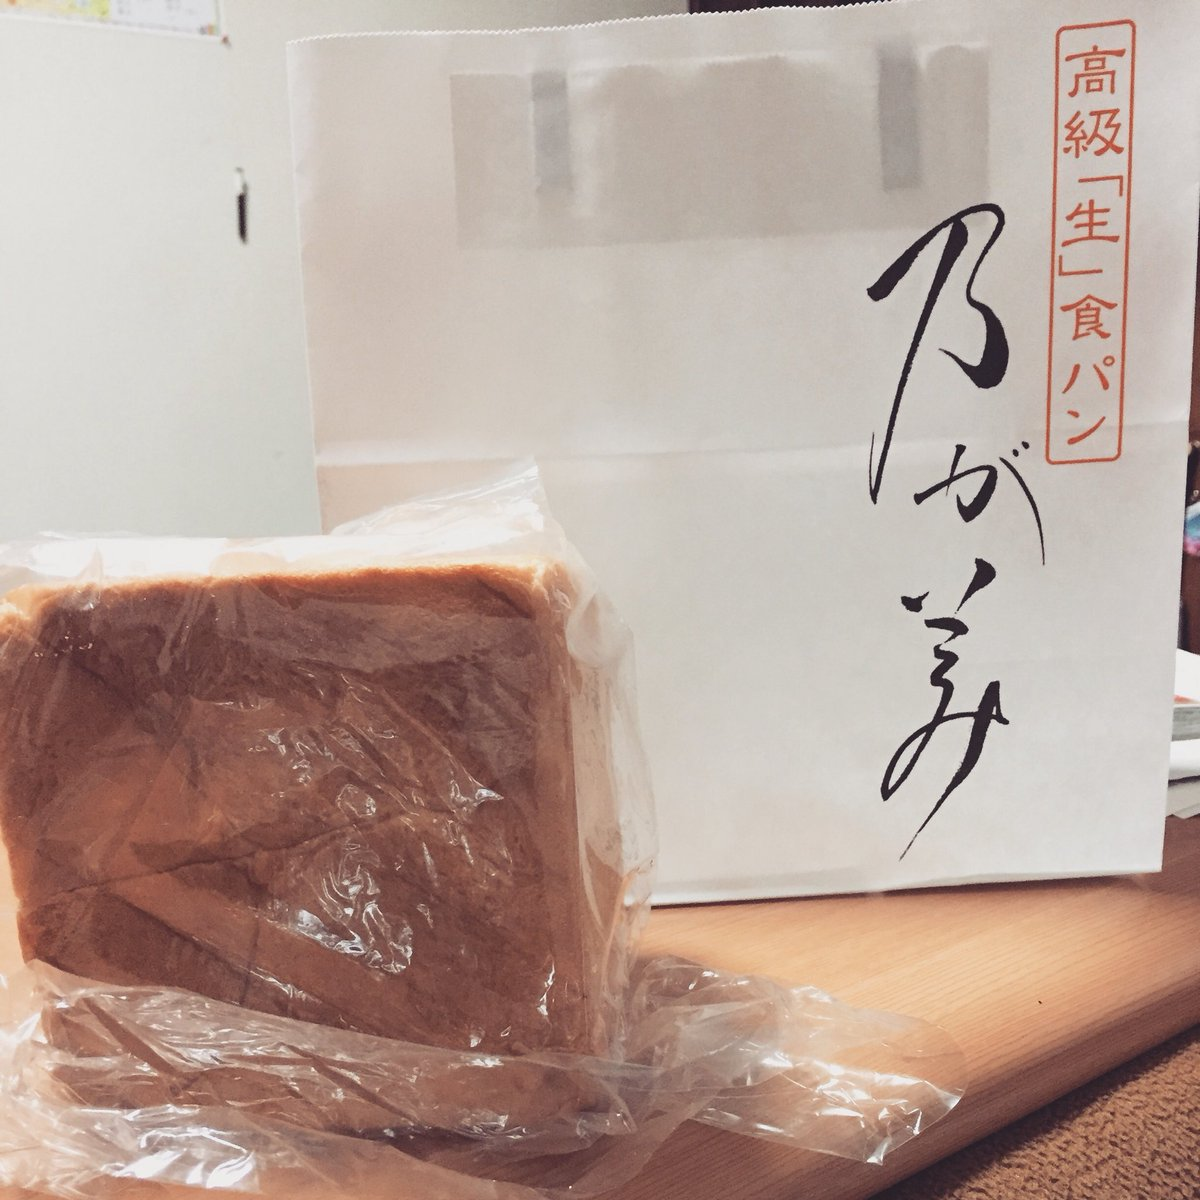 弘前 高級 食パン